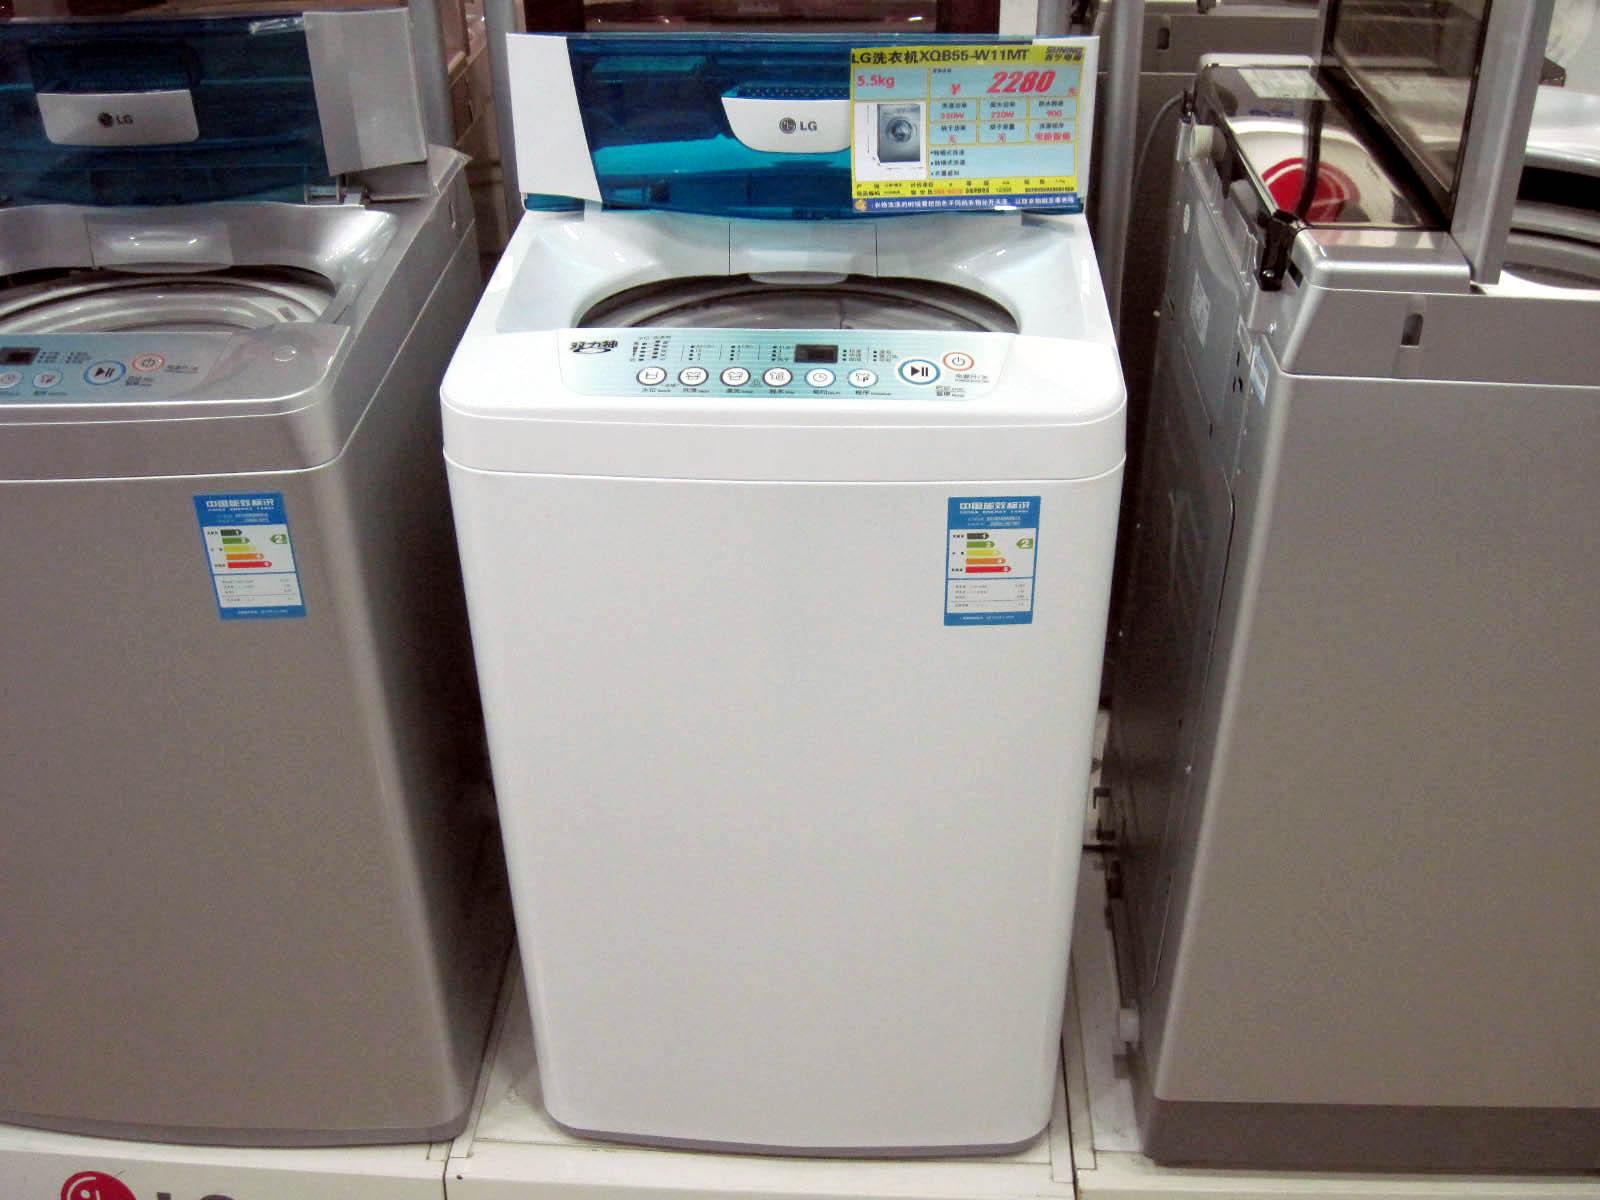 lg洗衣机 xqb55-w11mt